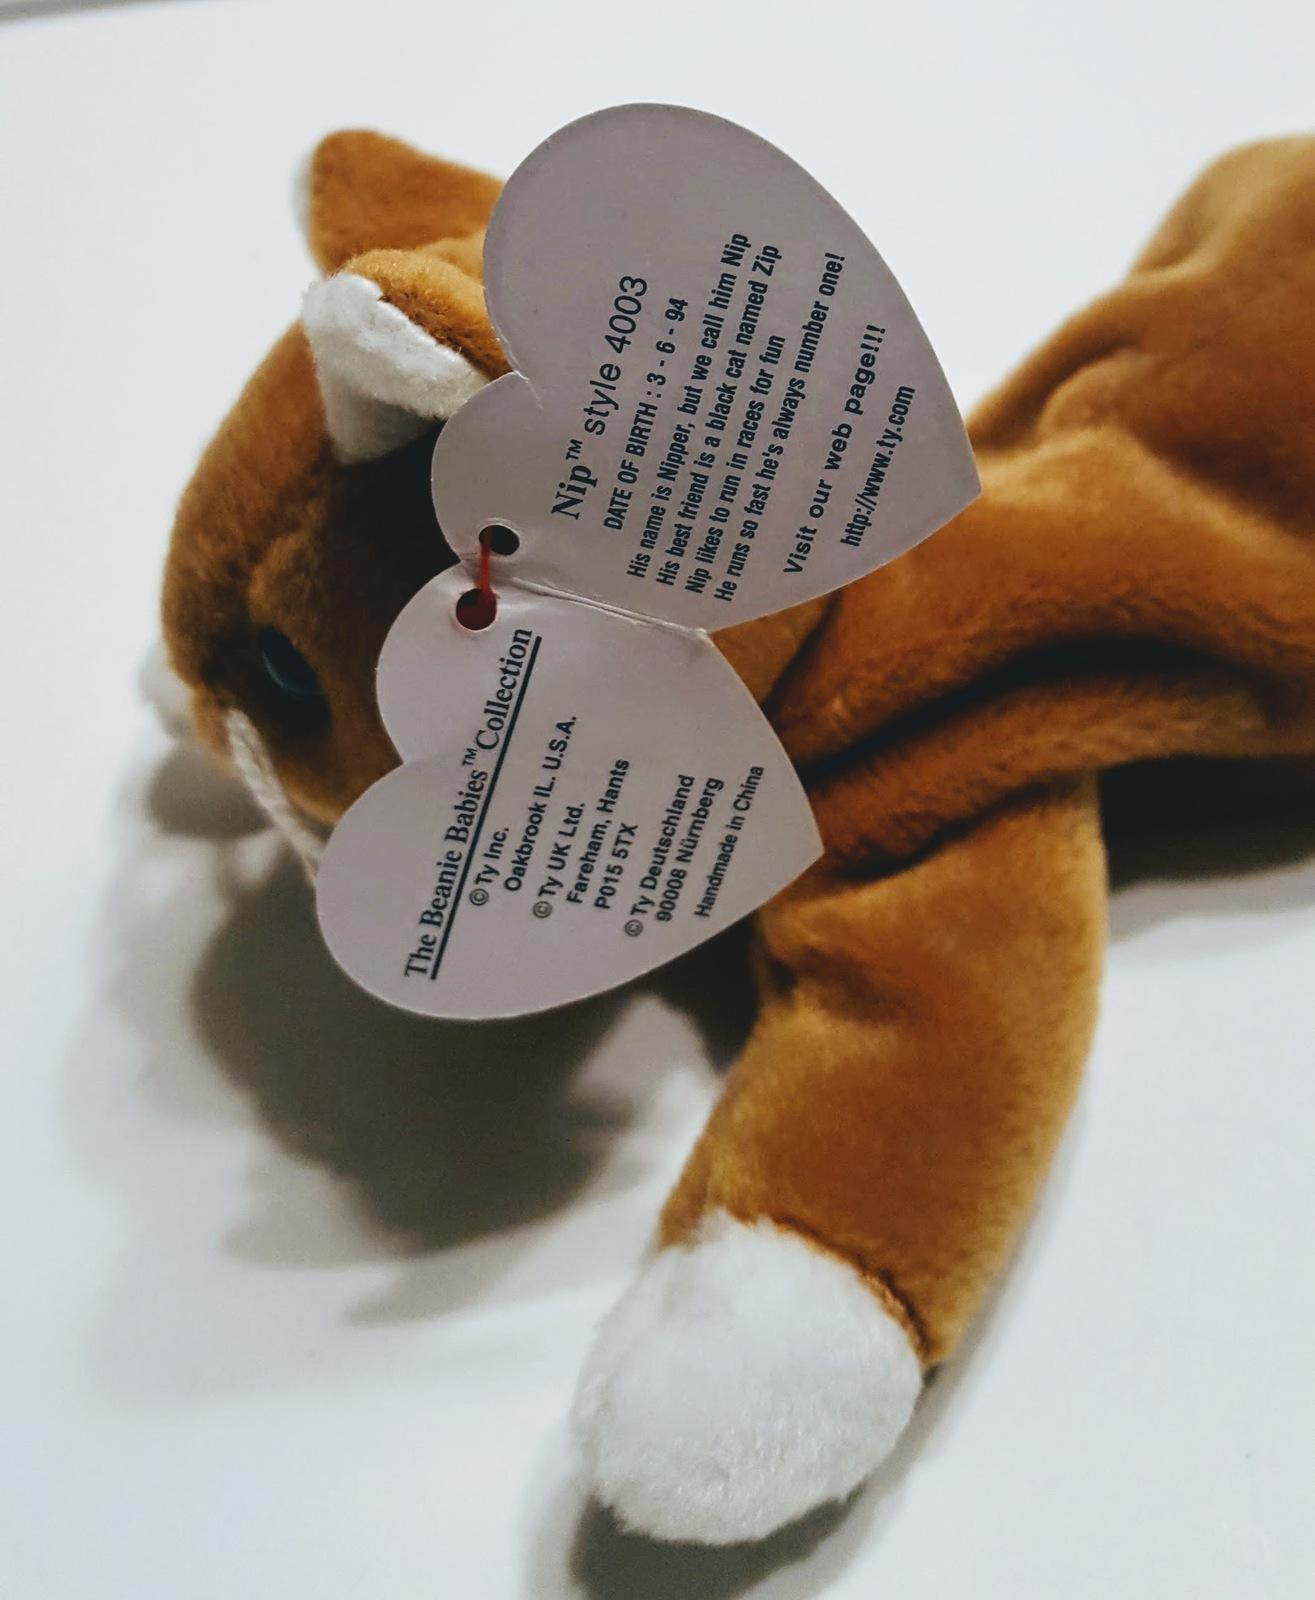 bbaff17a751 Ty Beanie Baby Toys Velvet 4064 Chip 4121 Nip 4003 Scottie 4102 Retired Lot  of 4